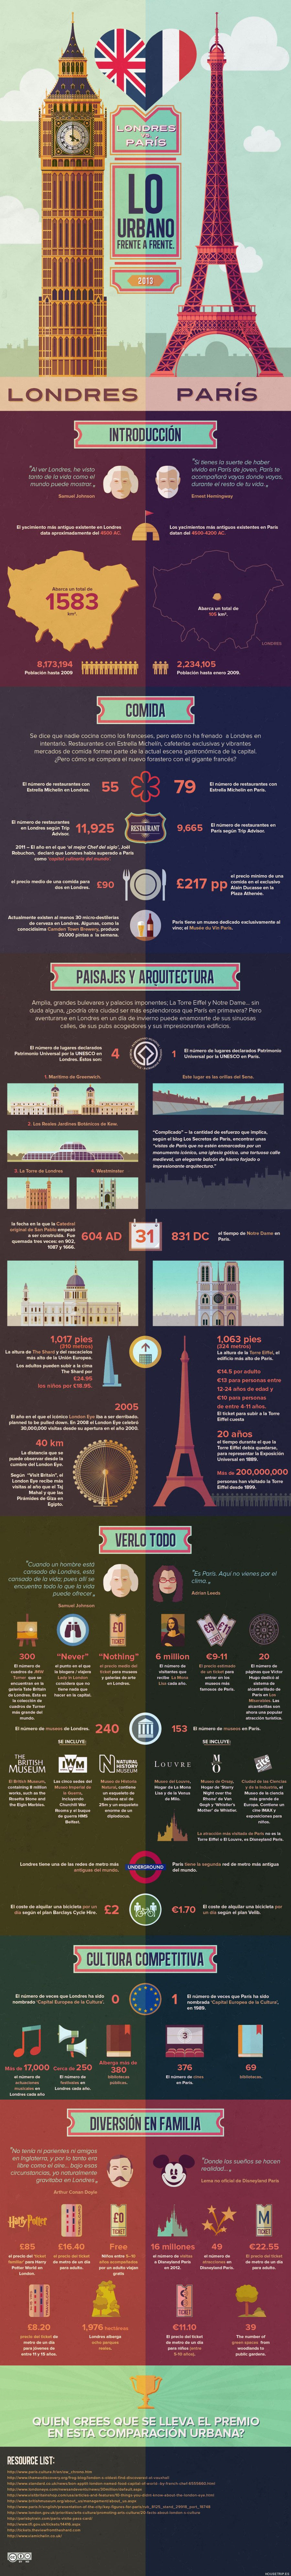 París y Londres: descubre qué ciudad es mejor